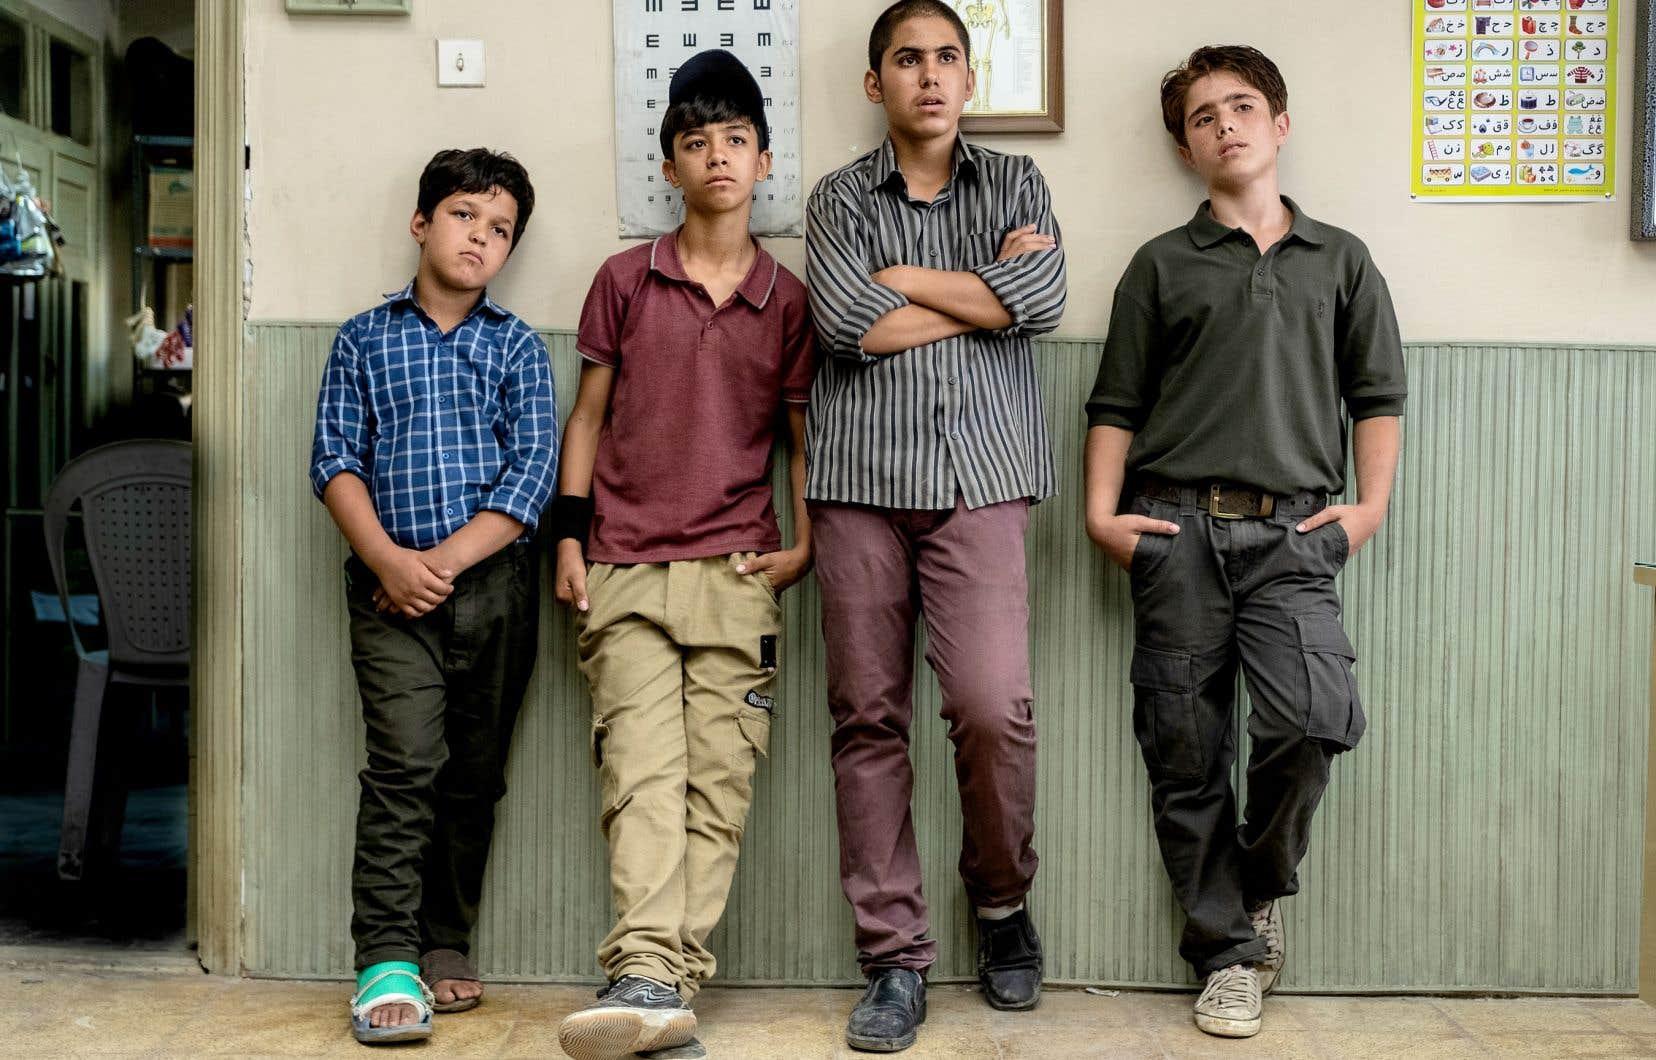 La force de ce long métrage repose sur le réalisme de ses images. «Sun Children» a été tourné dans des décors naturels, y compris pour les séquences dans le métro de Téhéran.